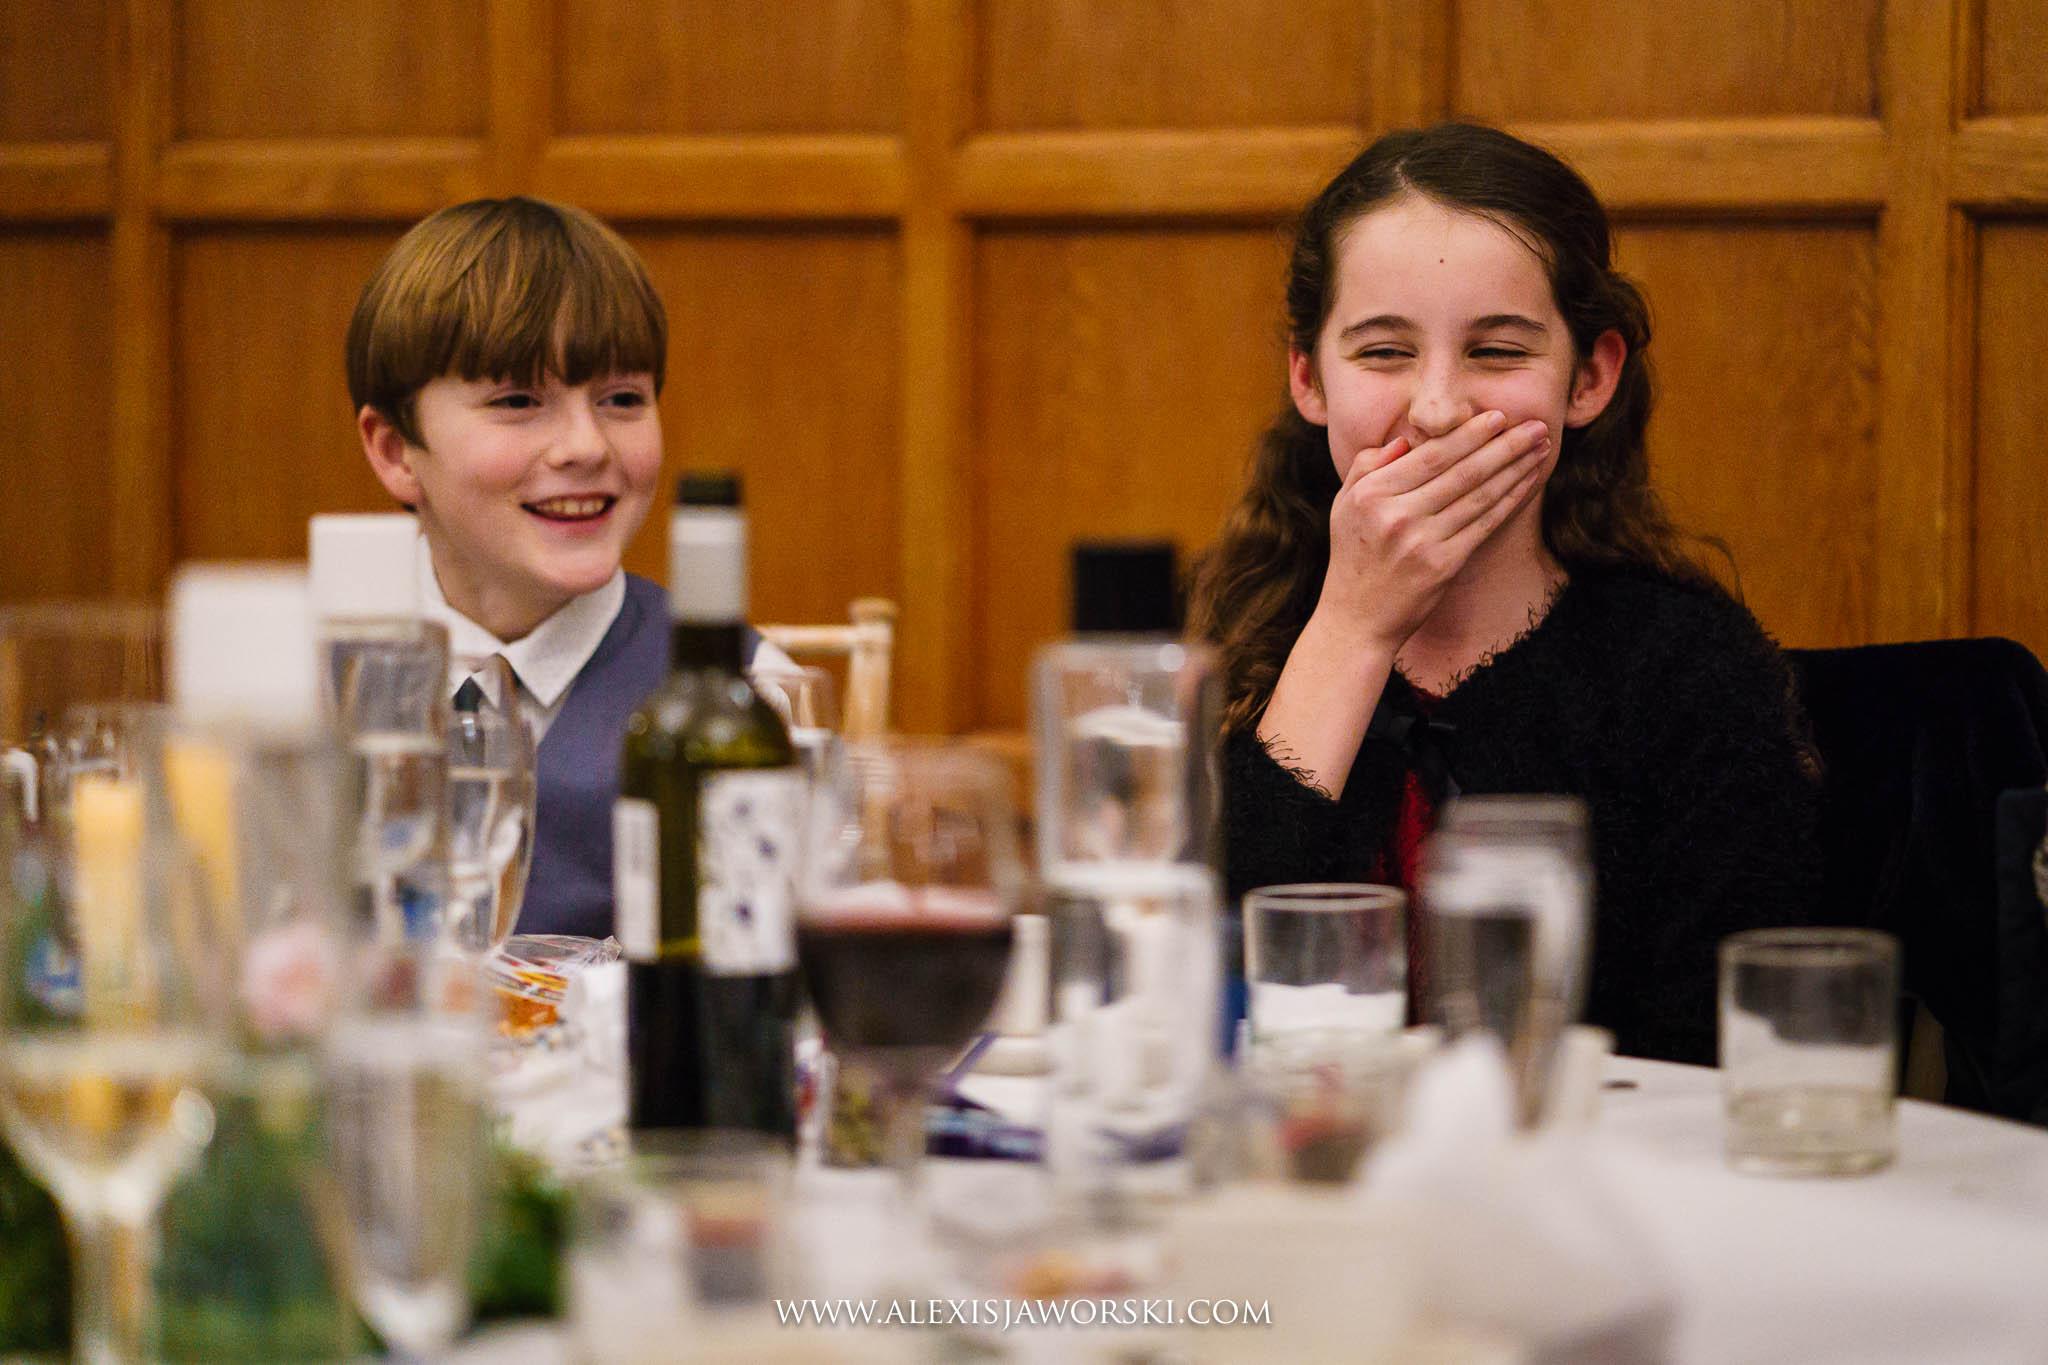 kids laugning